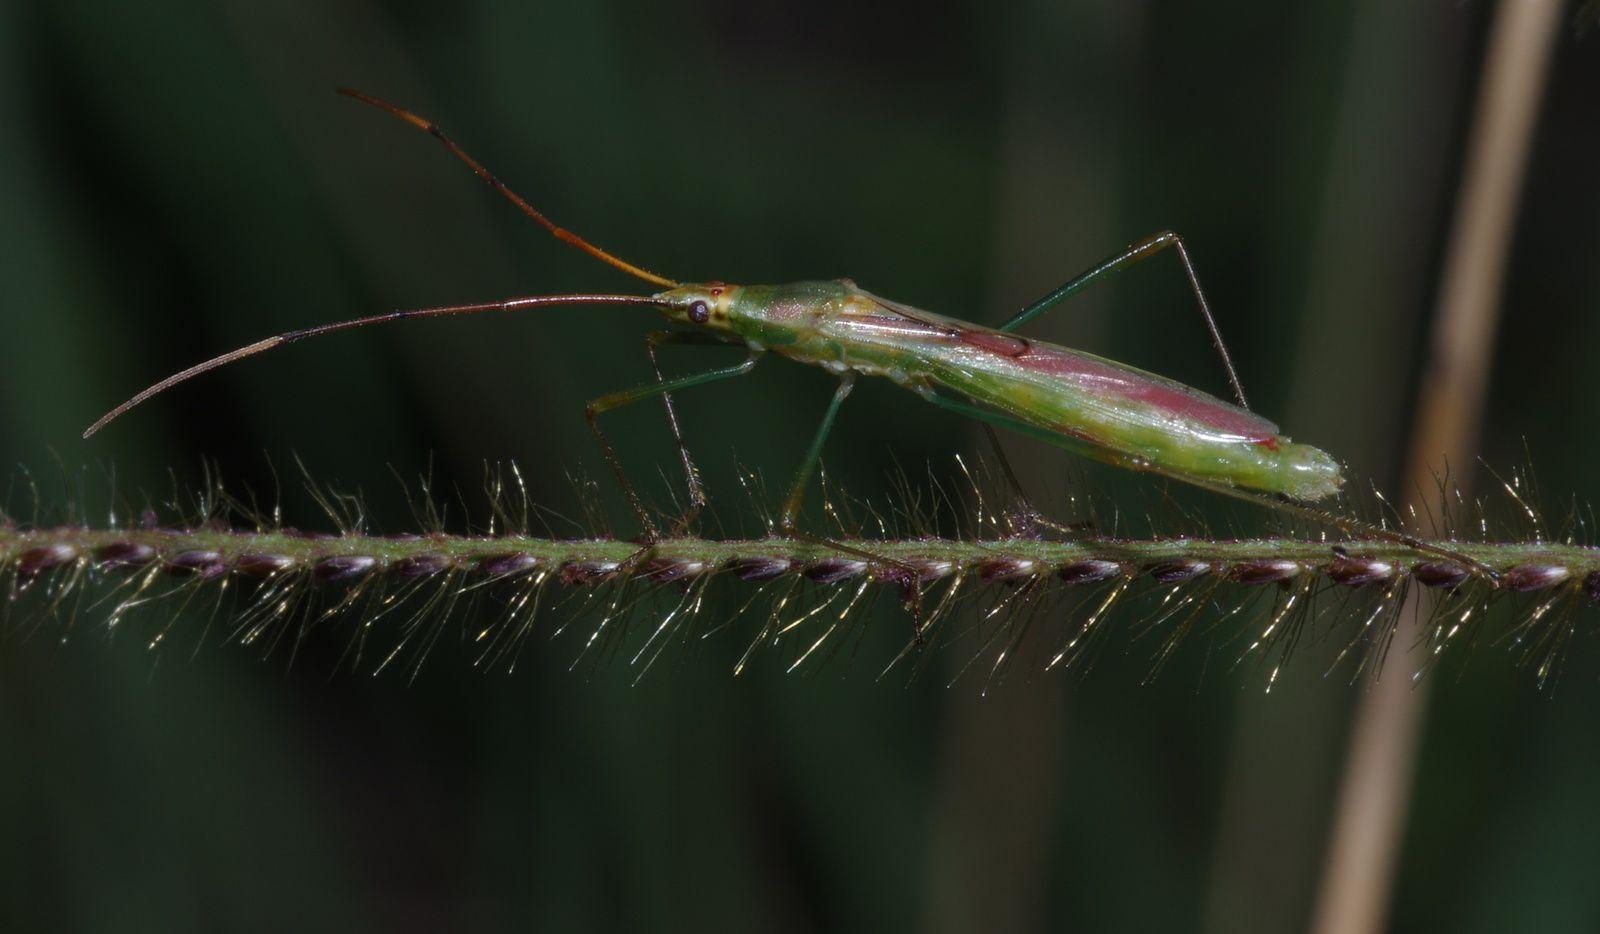 Axonopus aureus